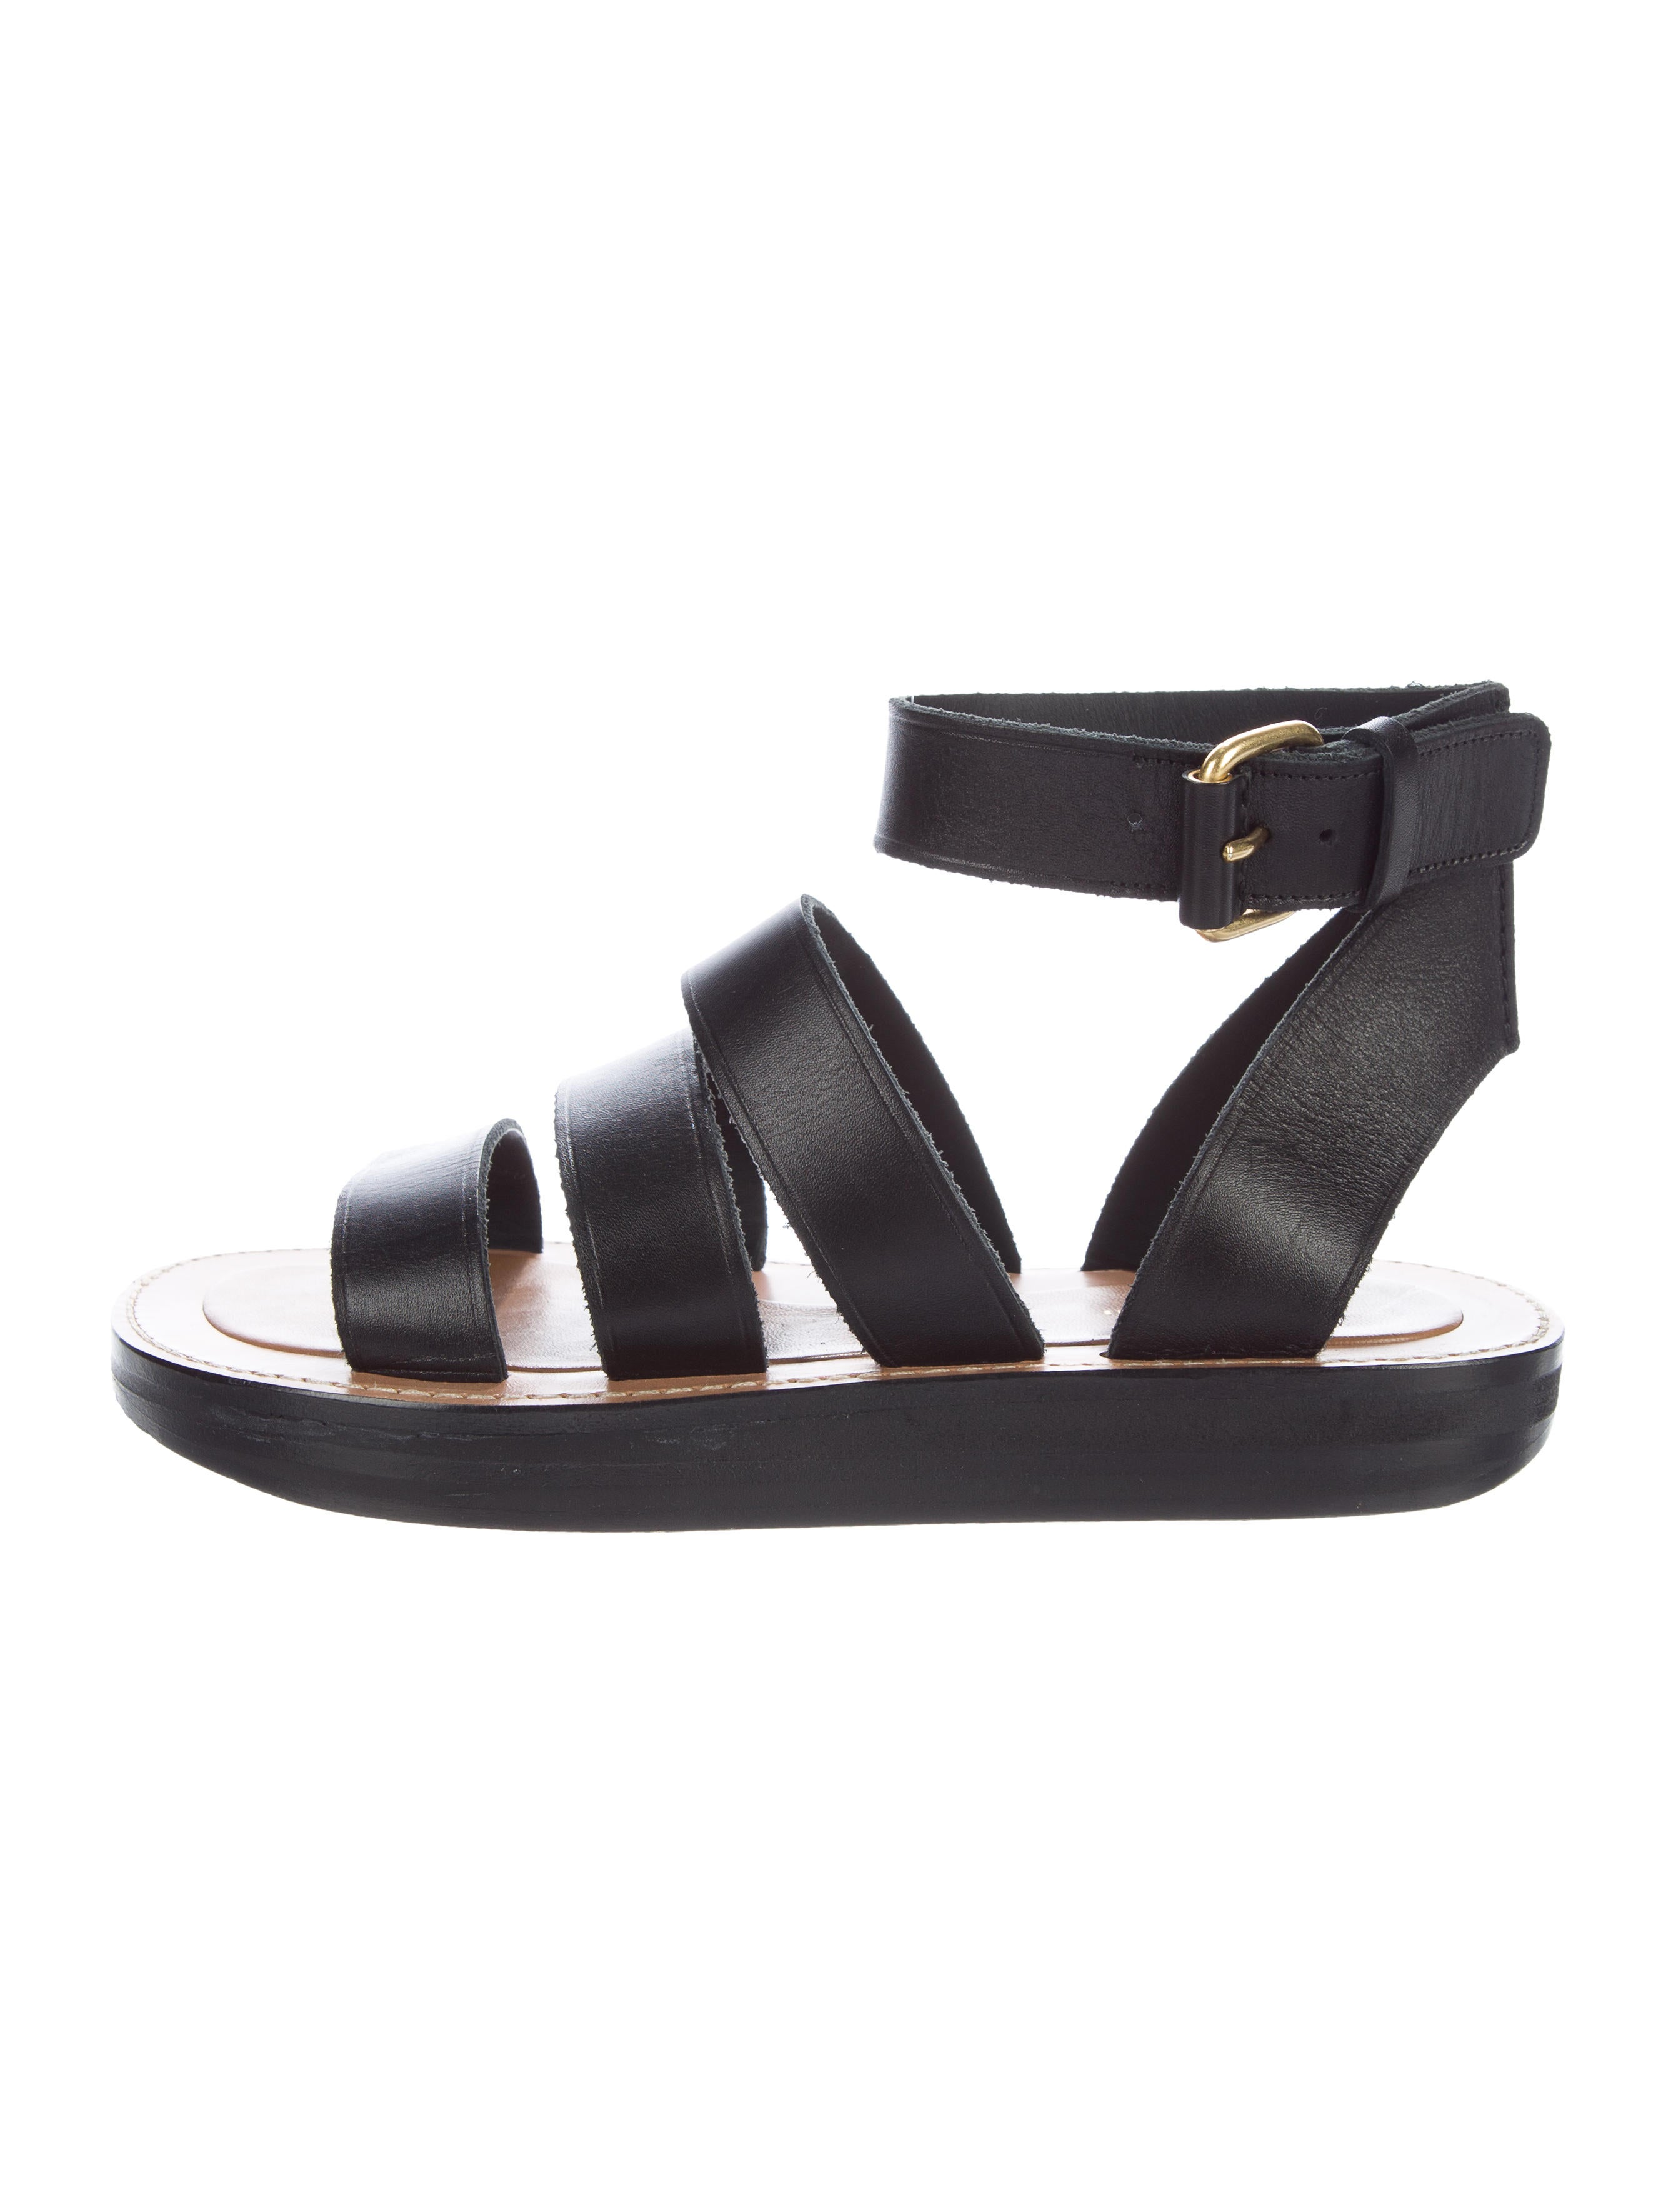 Céline Leather Flip Flops FT1J9t01P